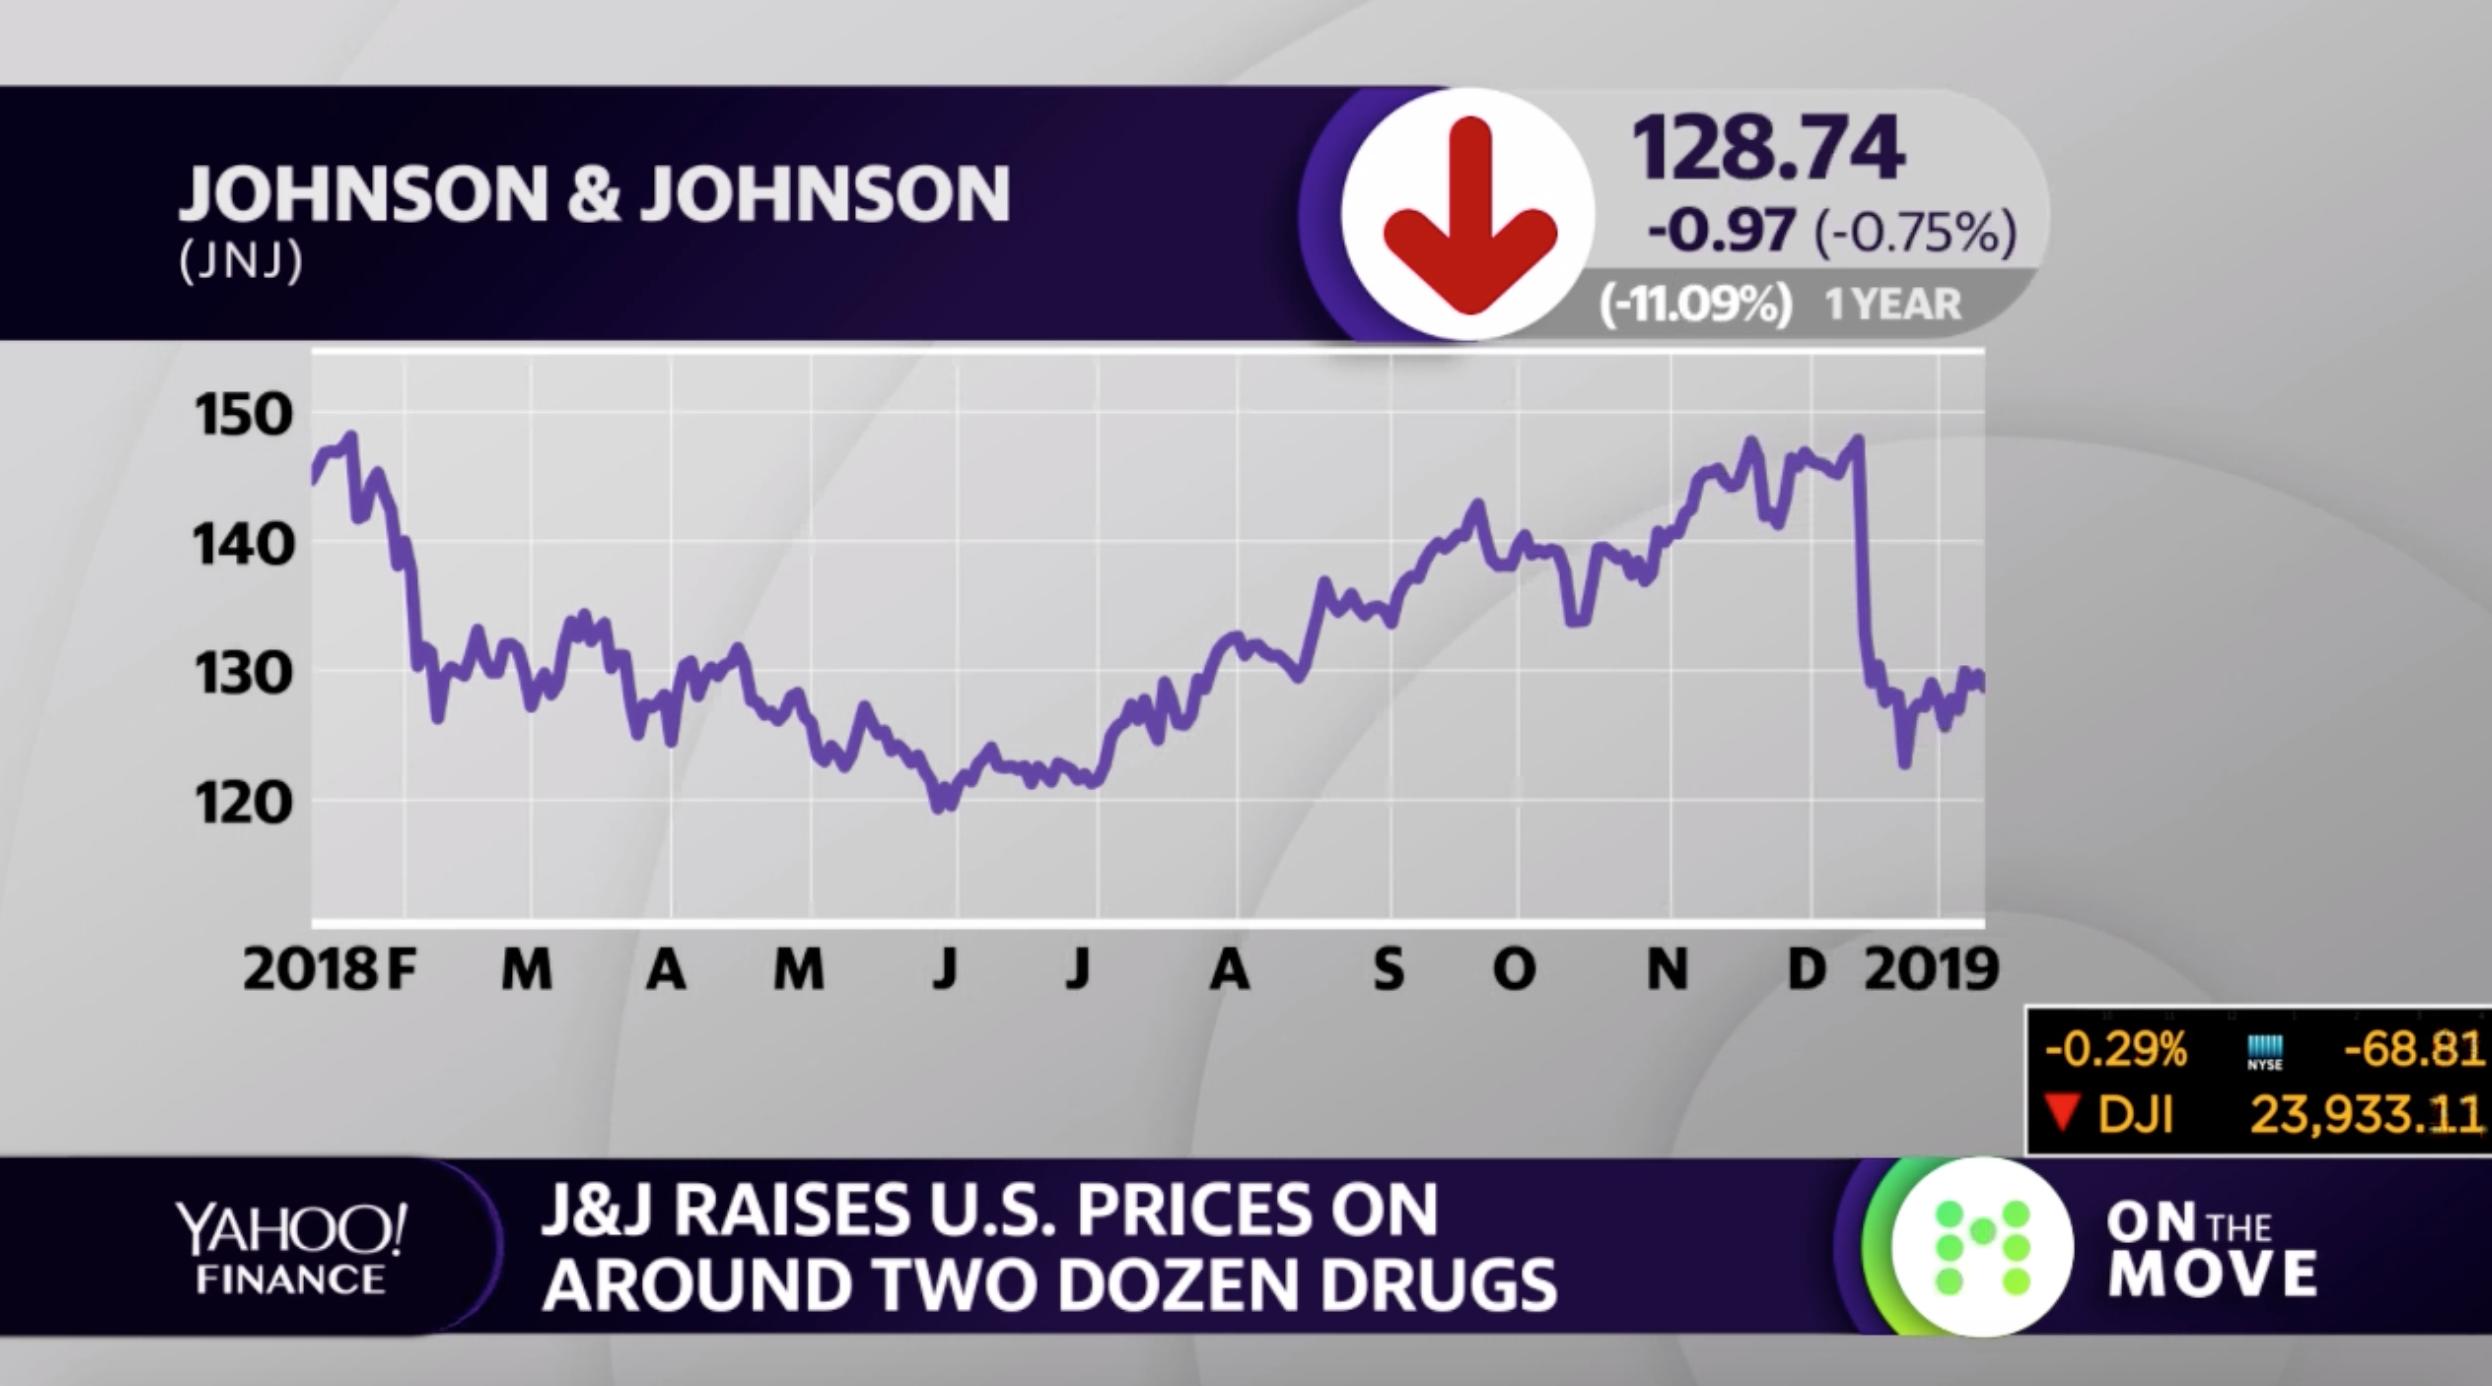 J&J raises prices on around two dozen drugs